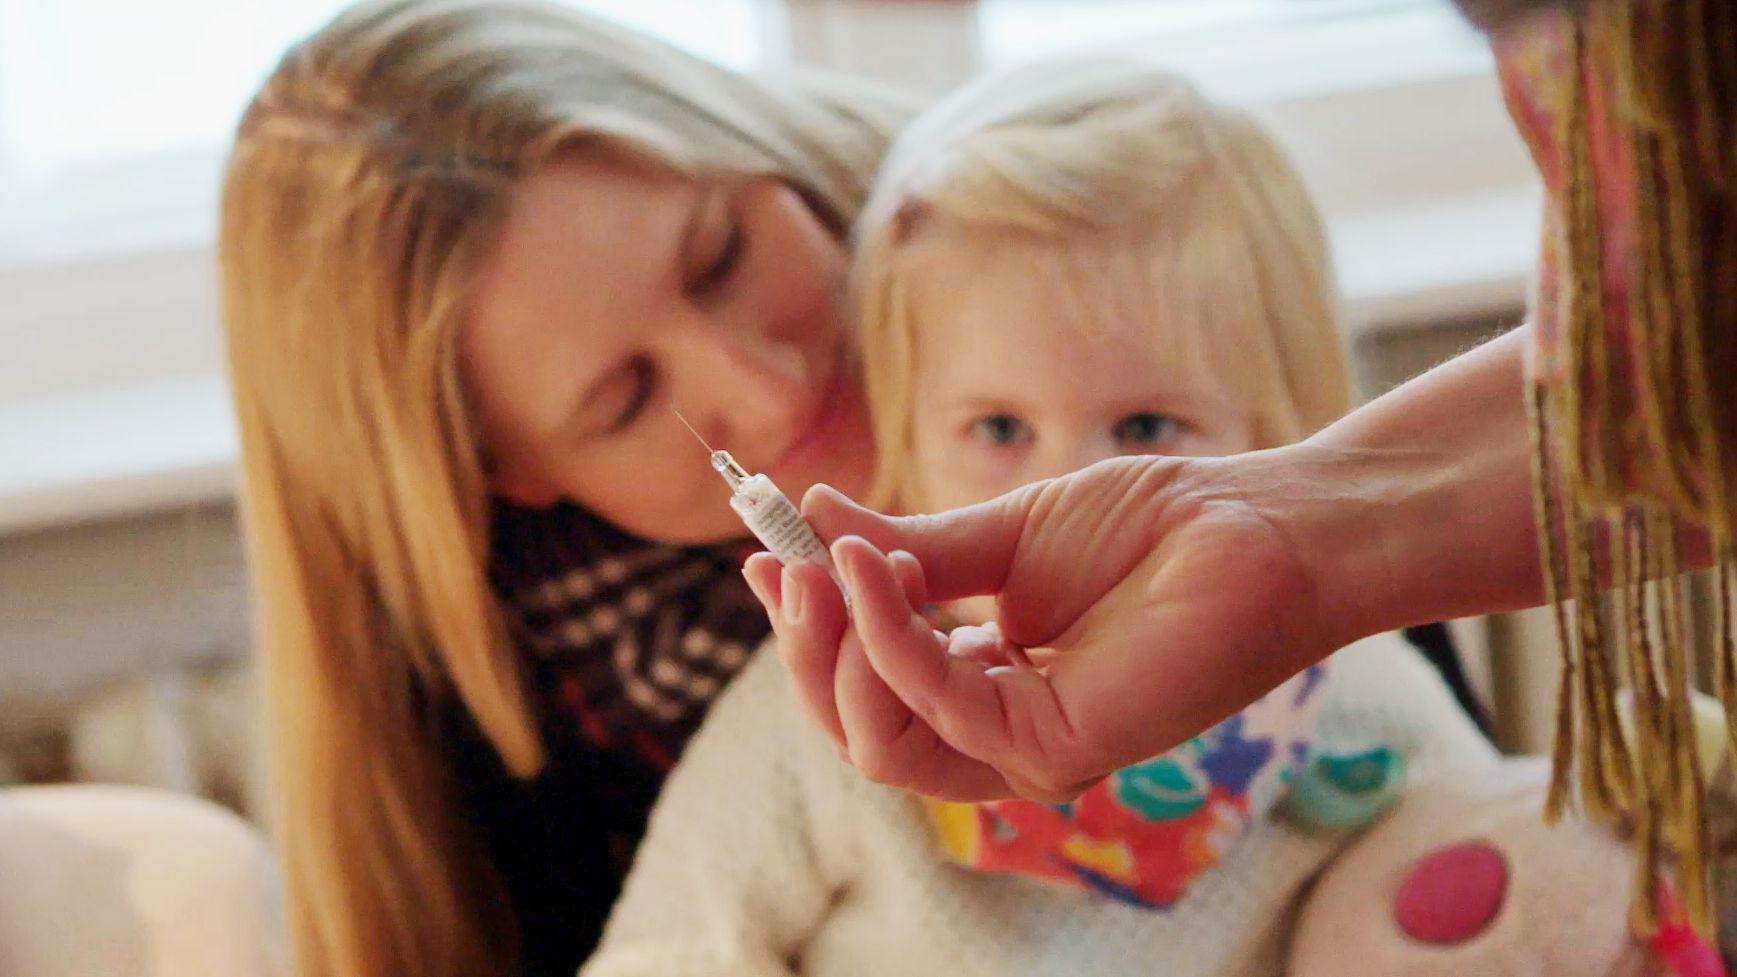 Eine Mutter mit ihrer kleinen Tochter kurz vor der Impfung beim Kinderarzt.